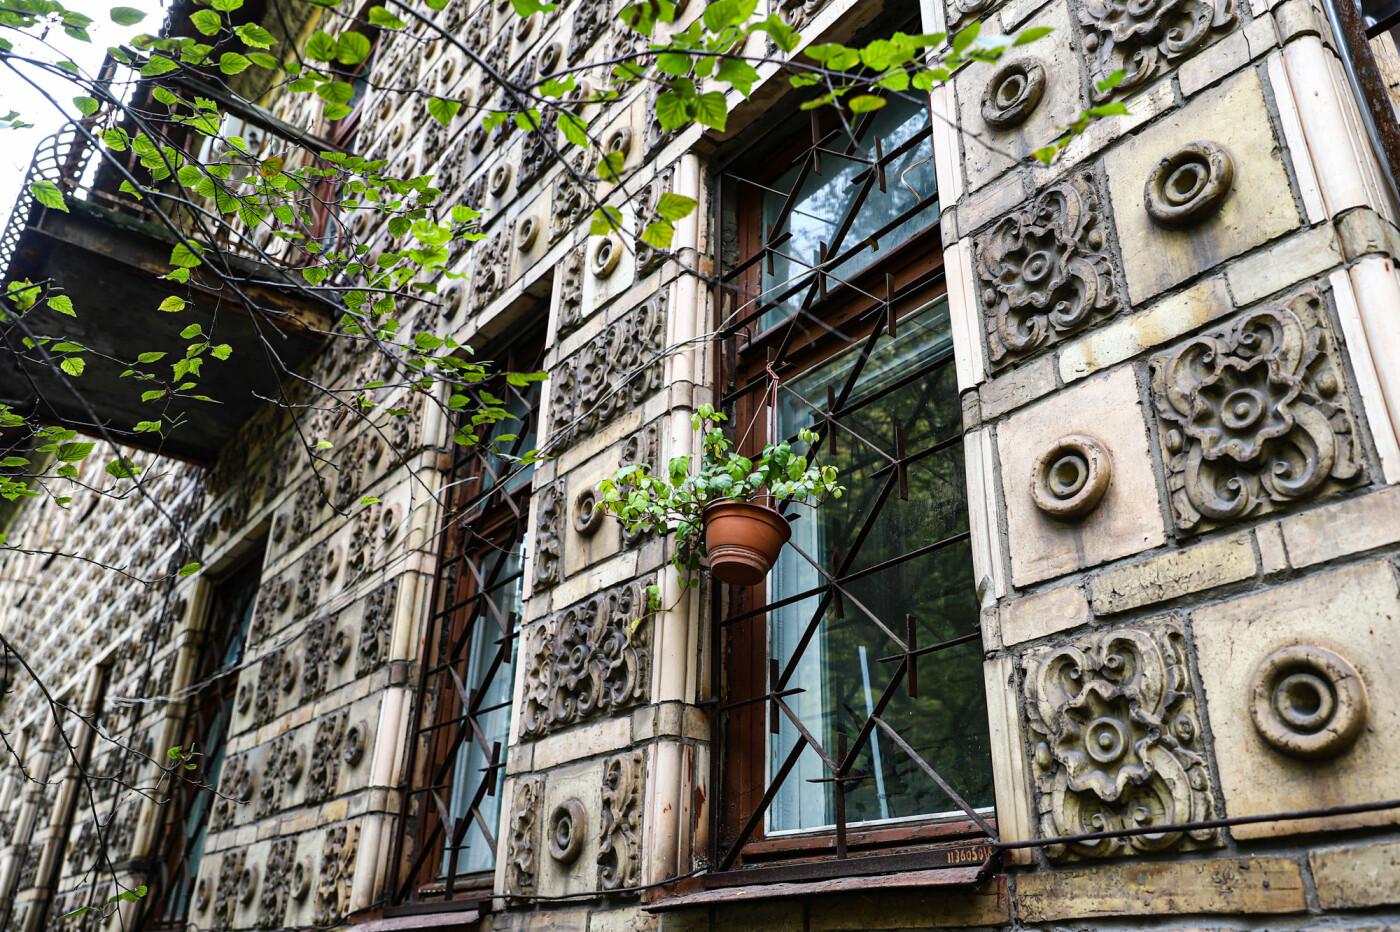 Маршруты выходного дня: не скучаем на карантине, а изучаем Запорожскую область и открываем секреты родного города, фото-50